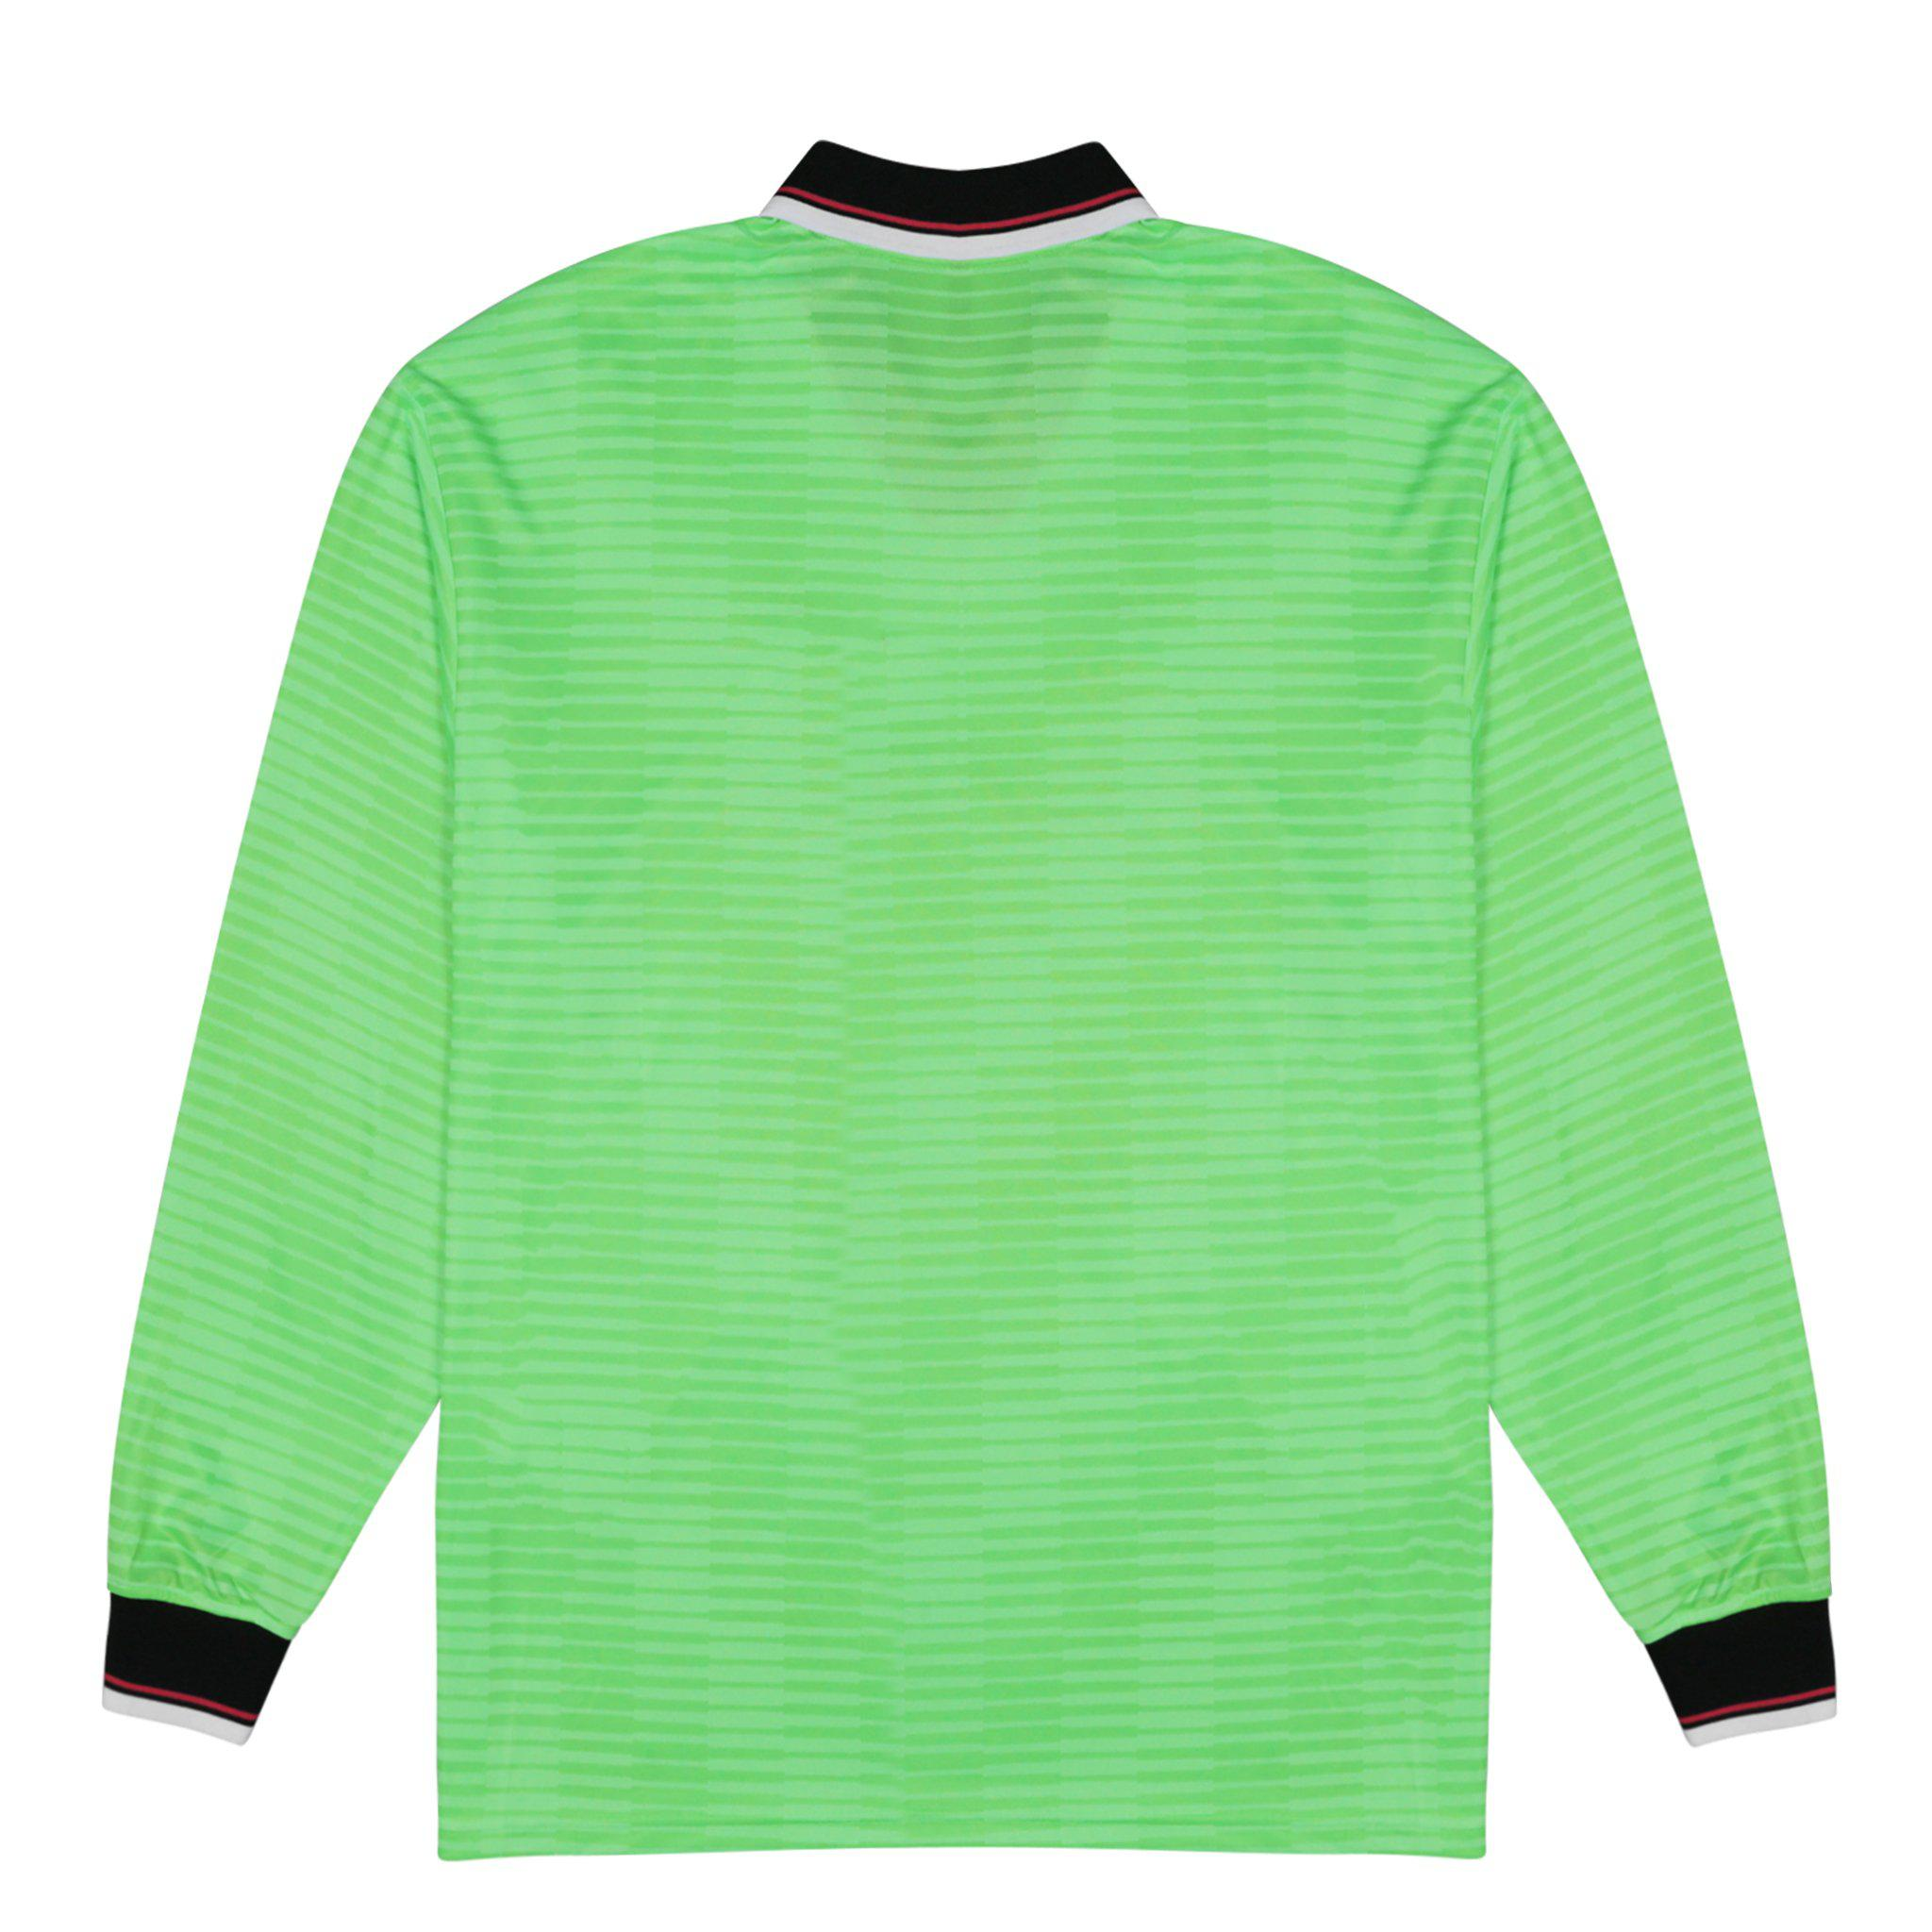 739c7a85f5a Gosha Rubchinskiy Adidas Soccer Polo Shirt in Green for Men - Lyst